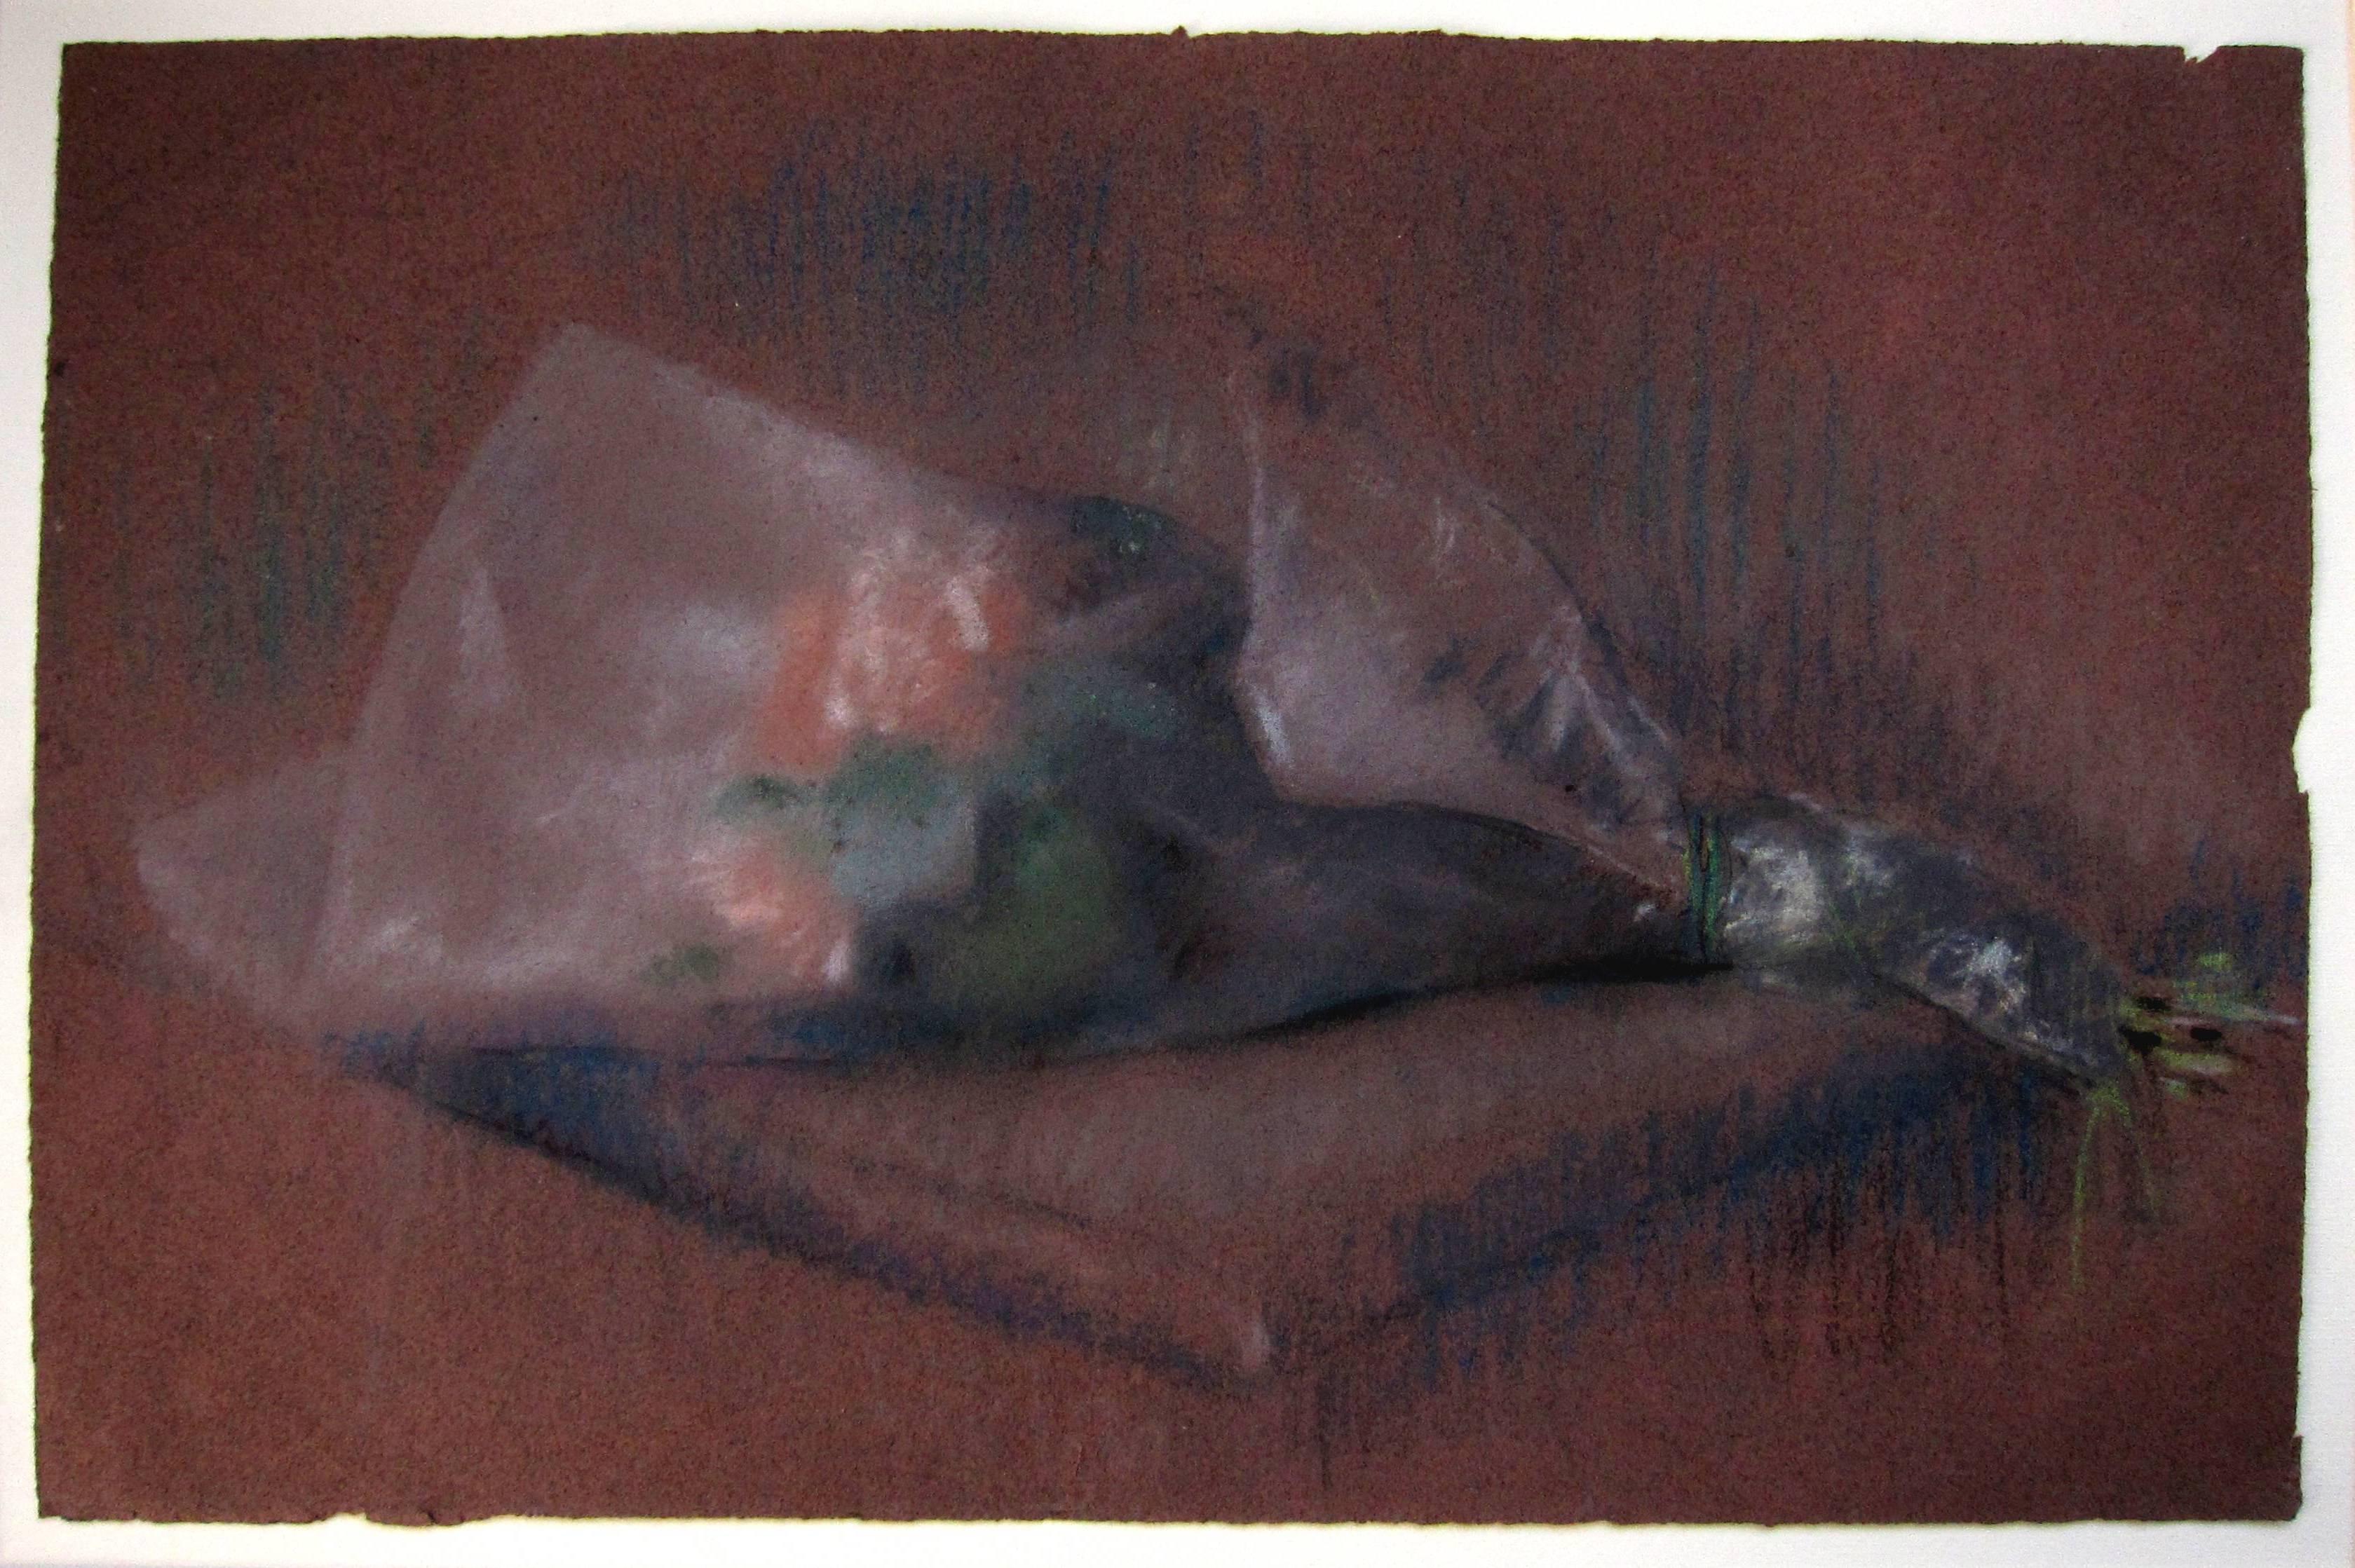 Lot 57 - JULIO GONZALEZ [1876-1942]. Bouquet, c. 1914-18. Pastel. 31 x 46 cm [overall including frame 43 x 58